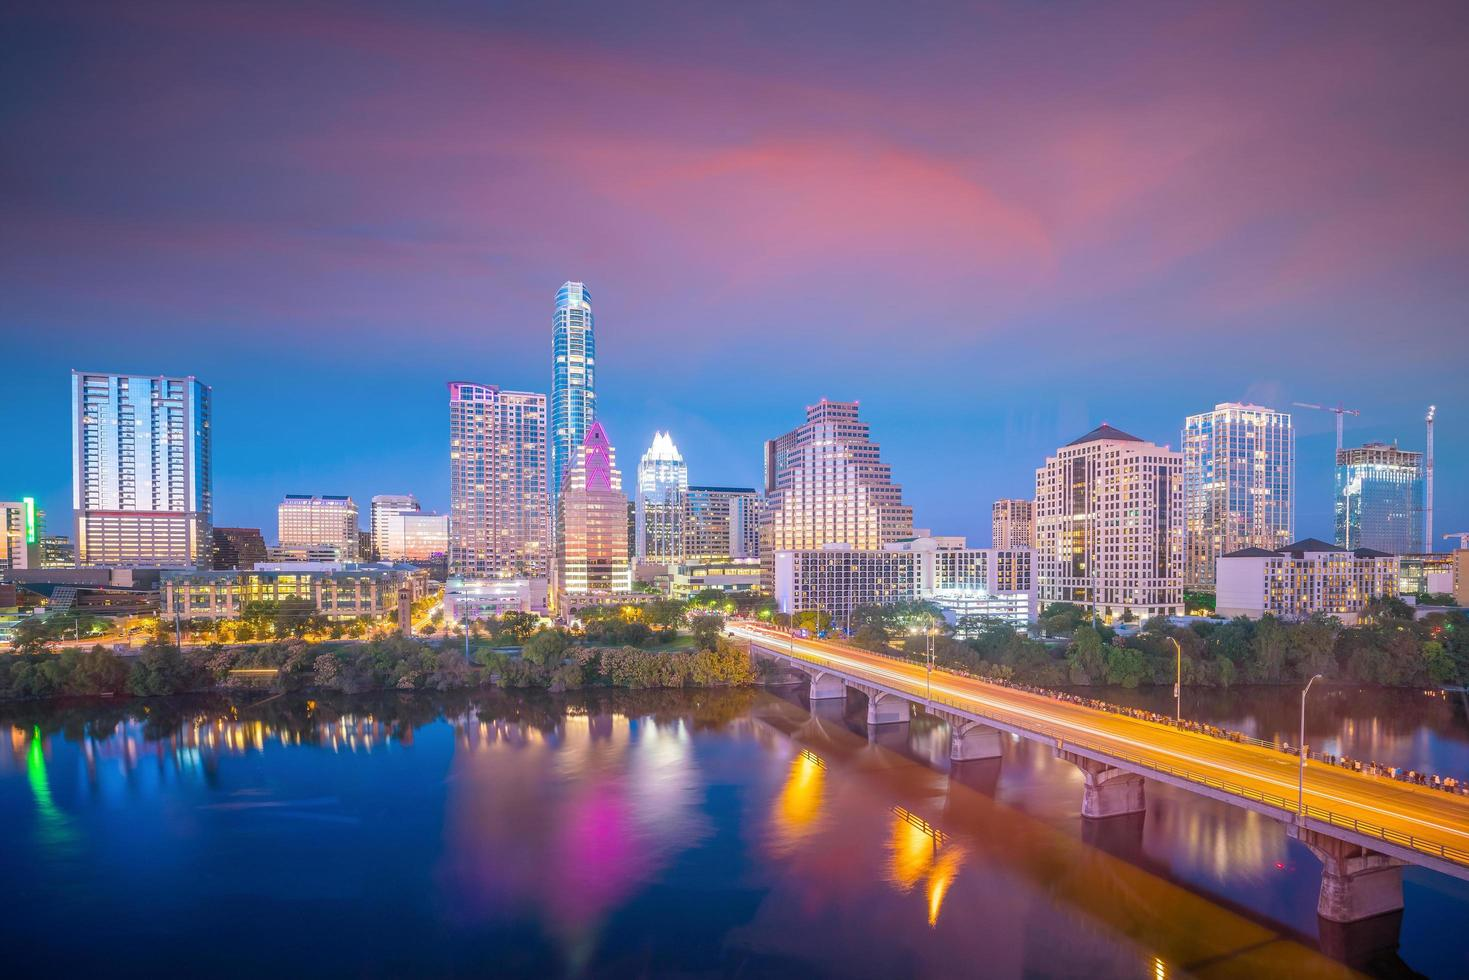 Toits du centre-ville d'Austin au Texas USA photo